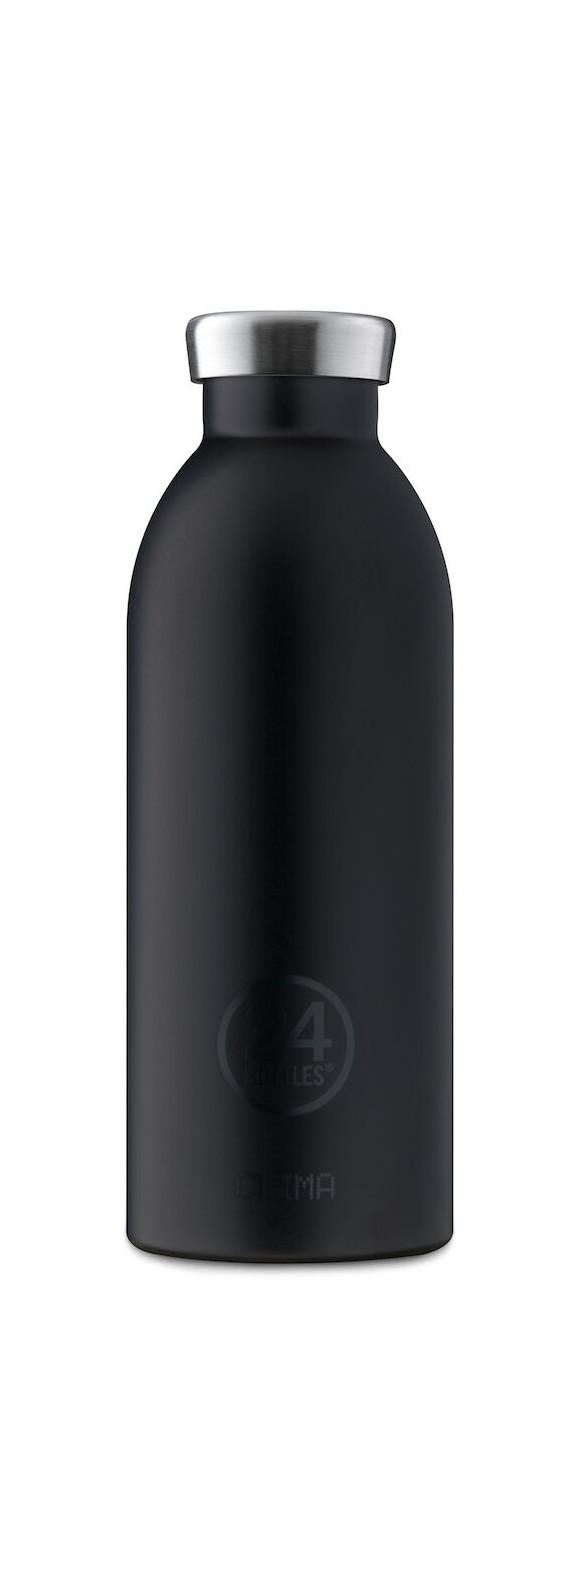 24 Bottles - Clime Bottle 0,5 L - Tuxedo Sort